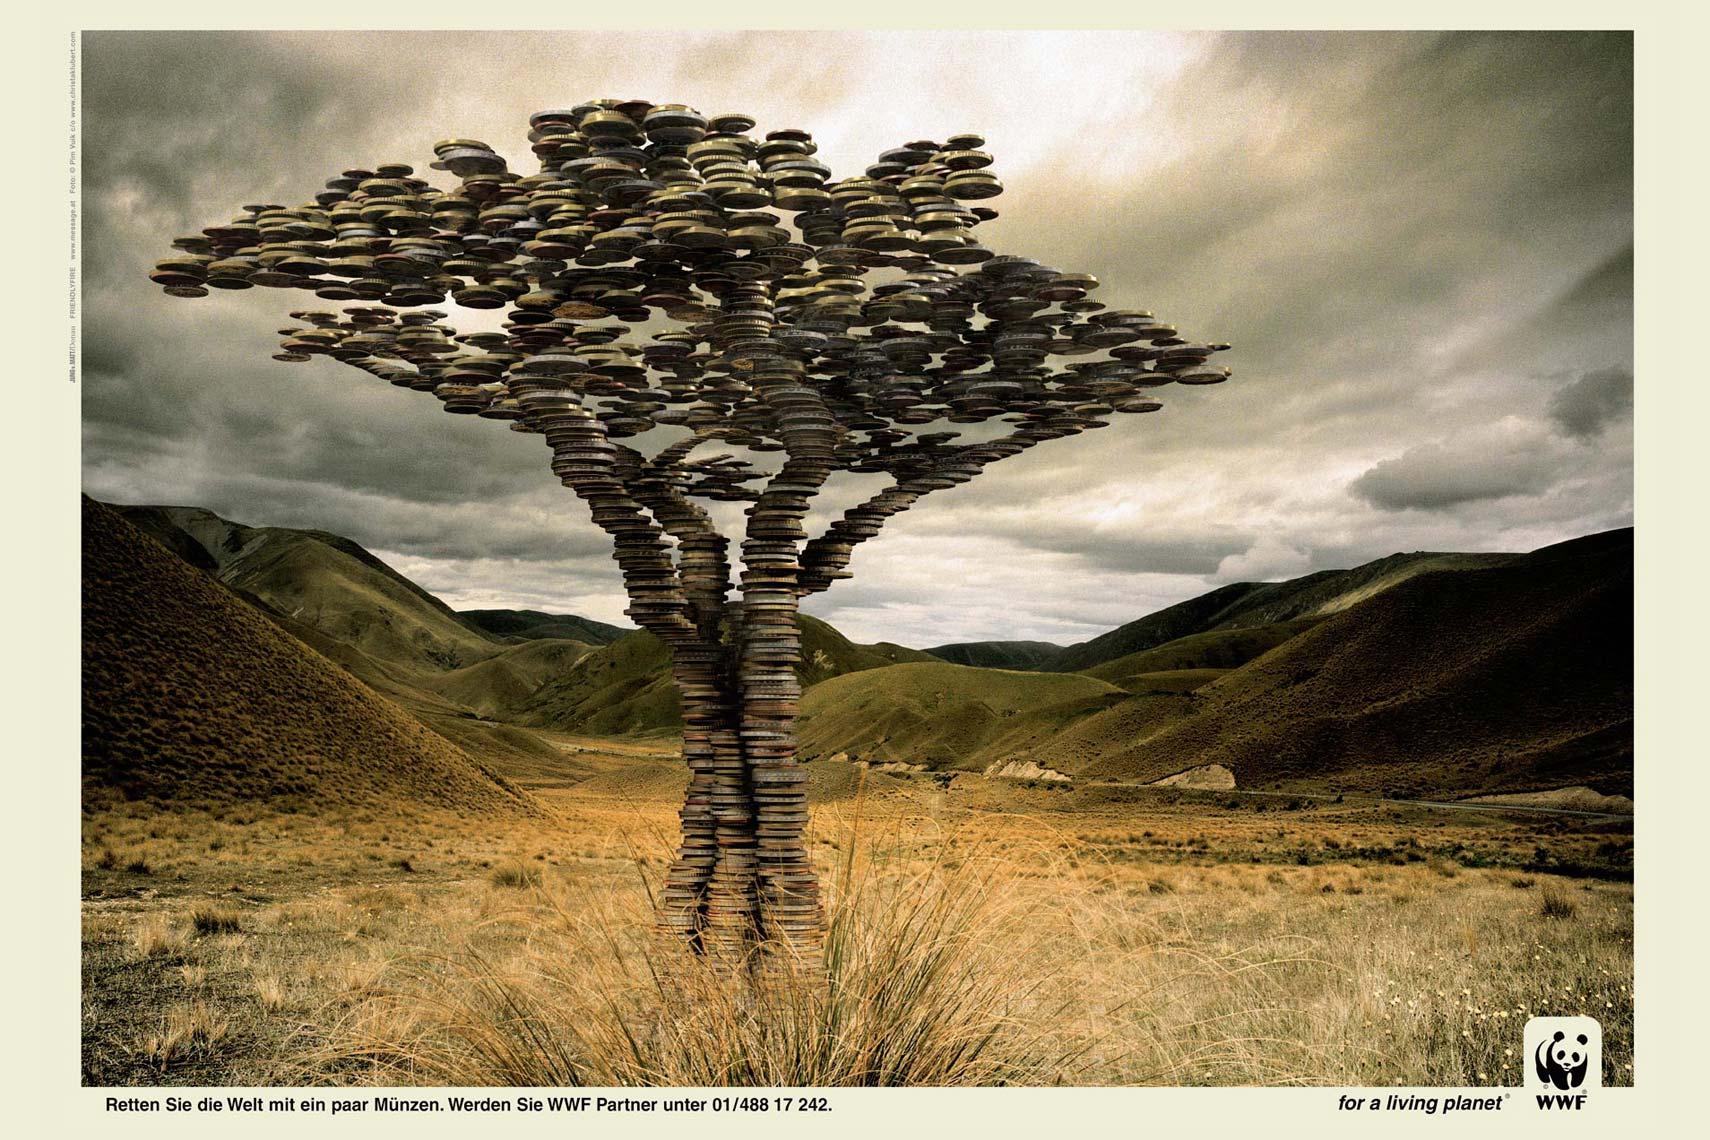 wwf-reclamefotografie-pim-vuik-fotografie-rotterdam.jpg